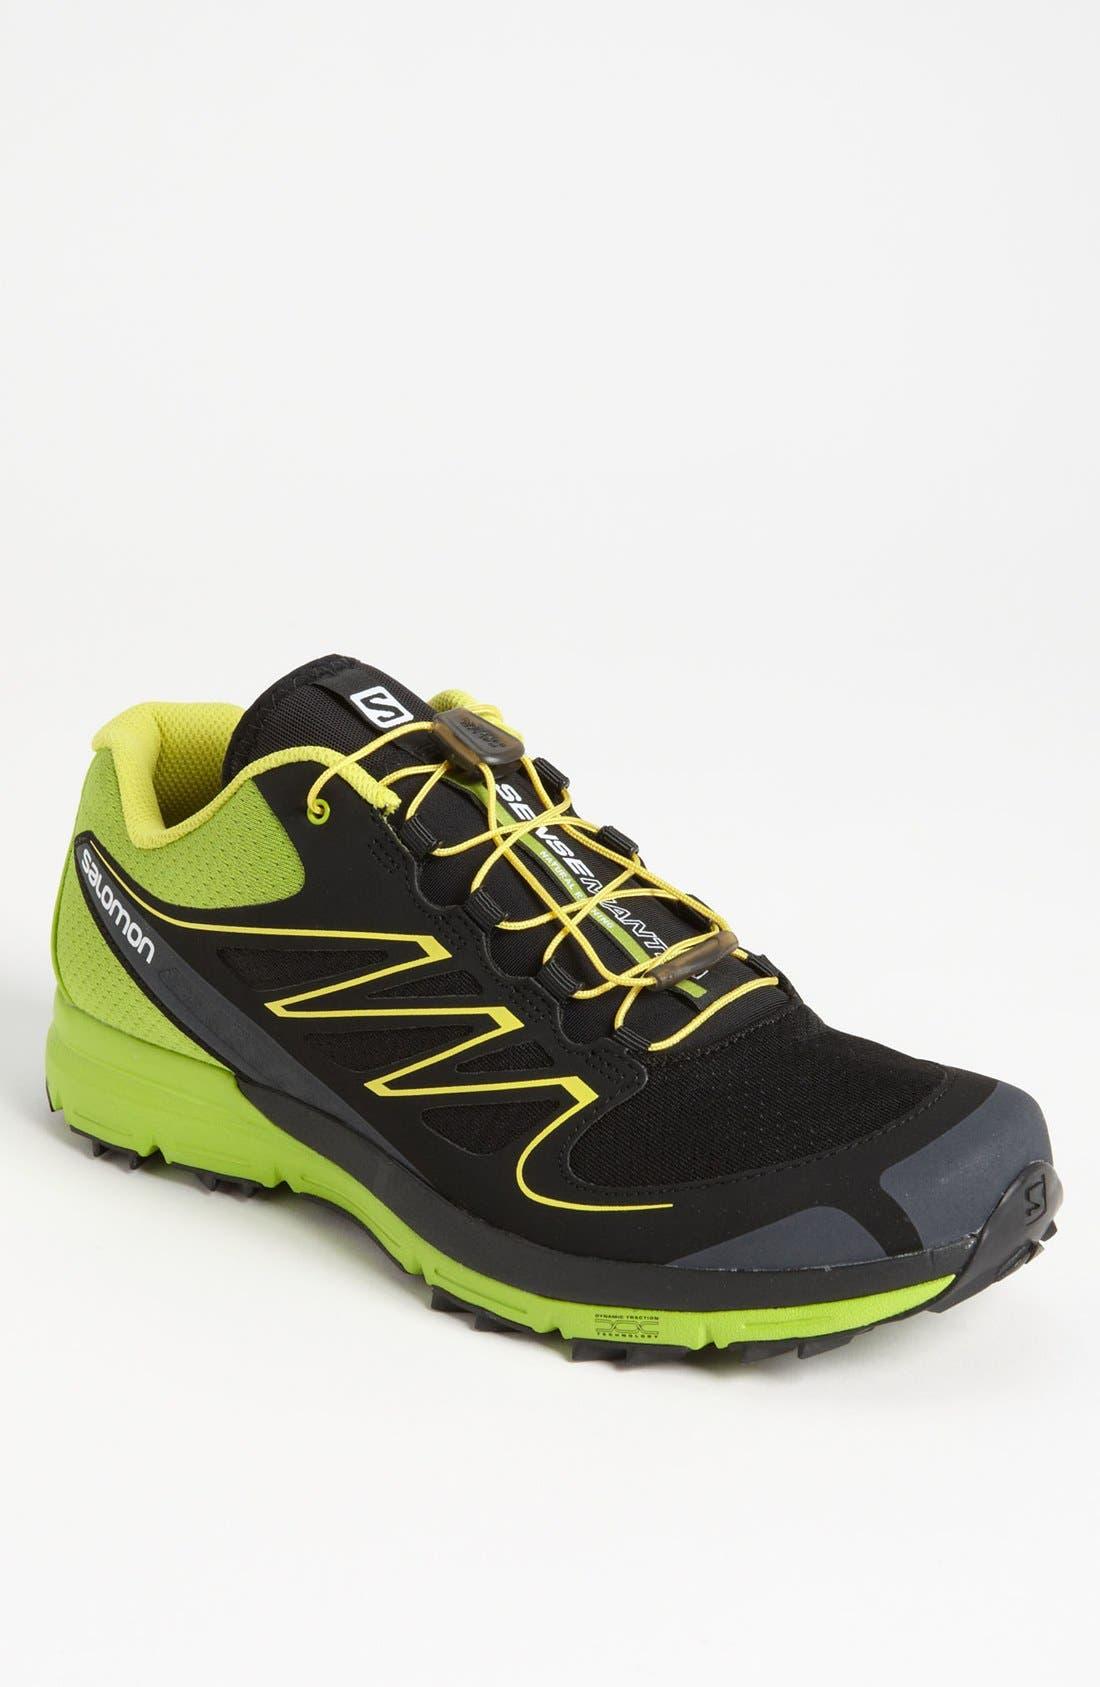 Main Image - Salomon 'Sense Mantra' Running Shoe (Men)